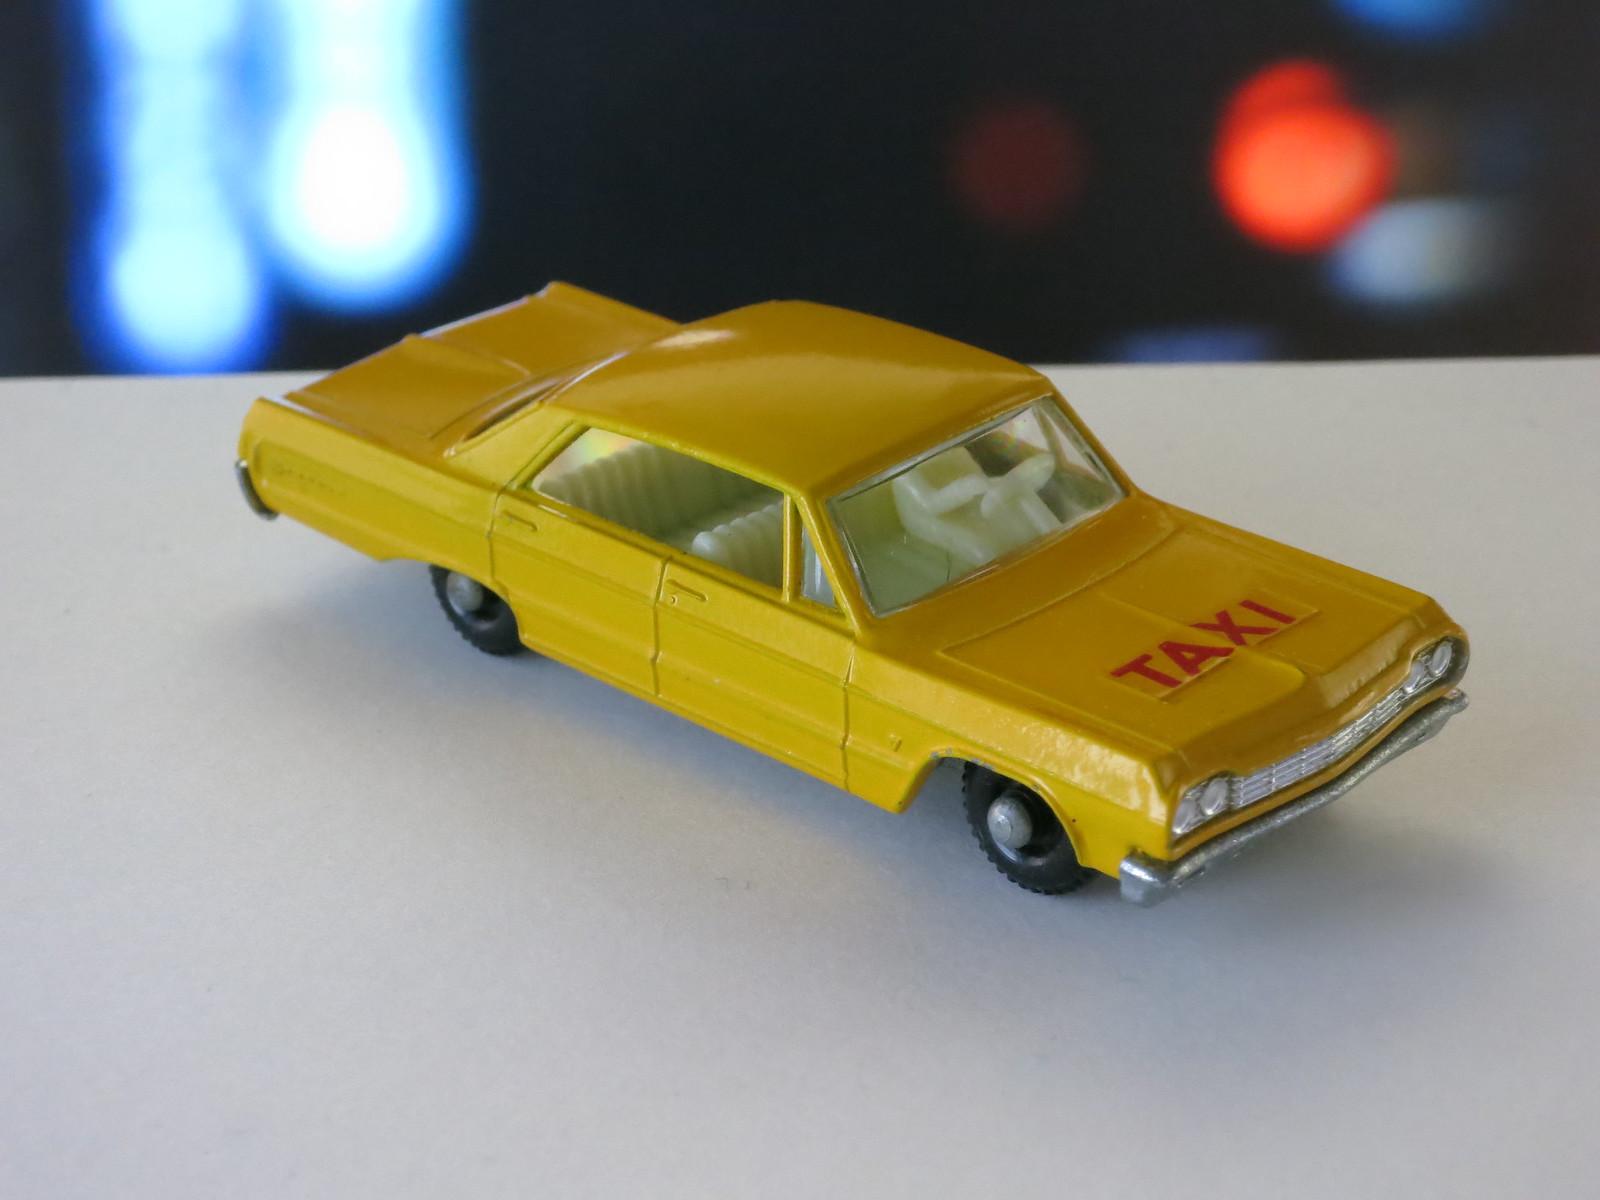 Matchbox Lesney 20c Chevrolet Impala Taxi